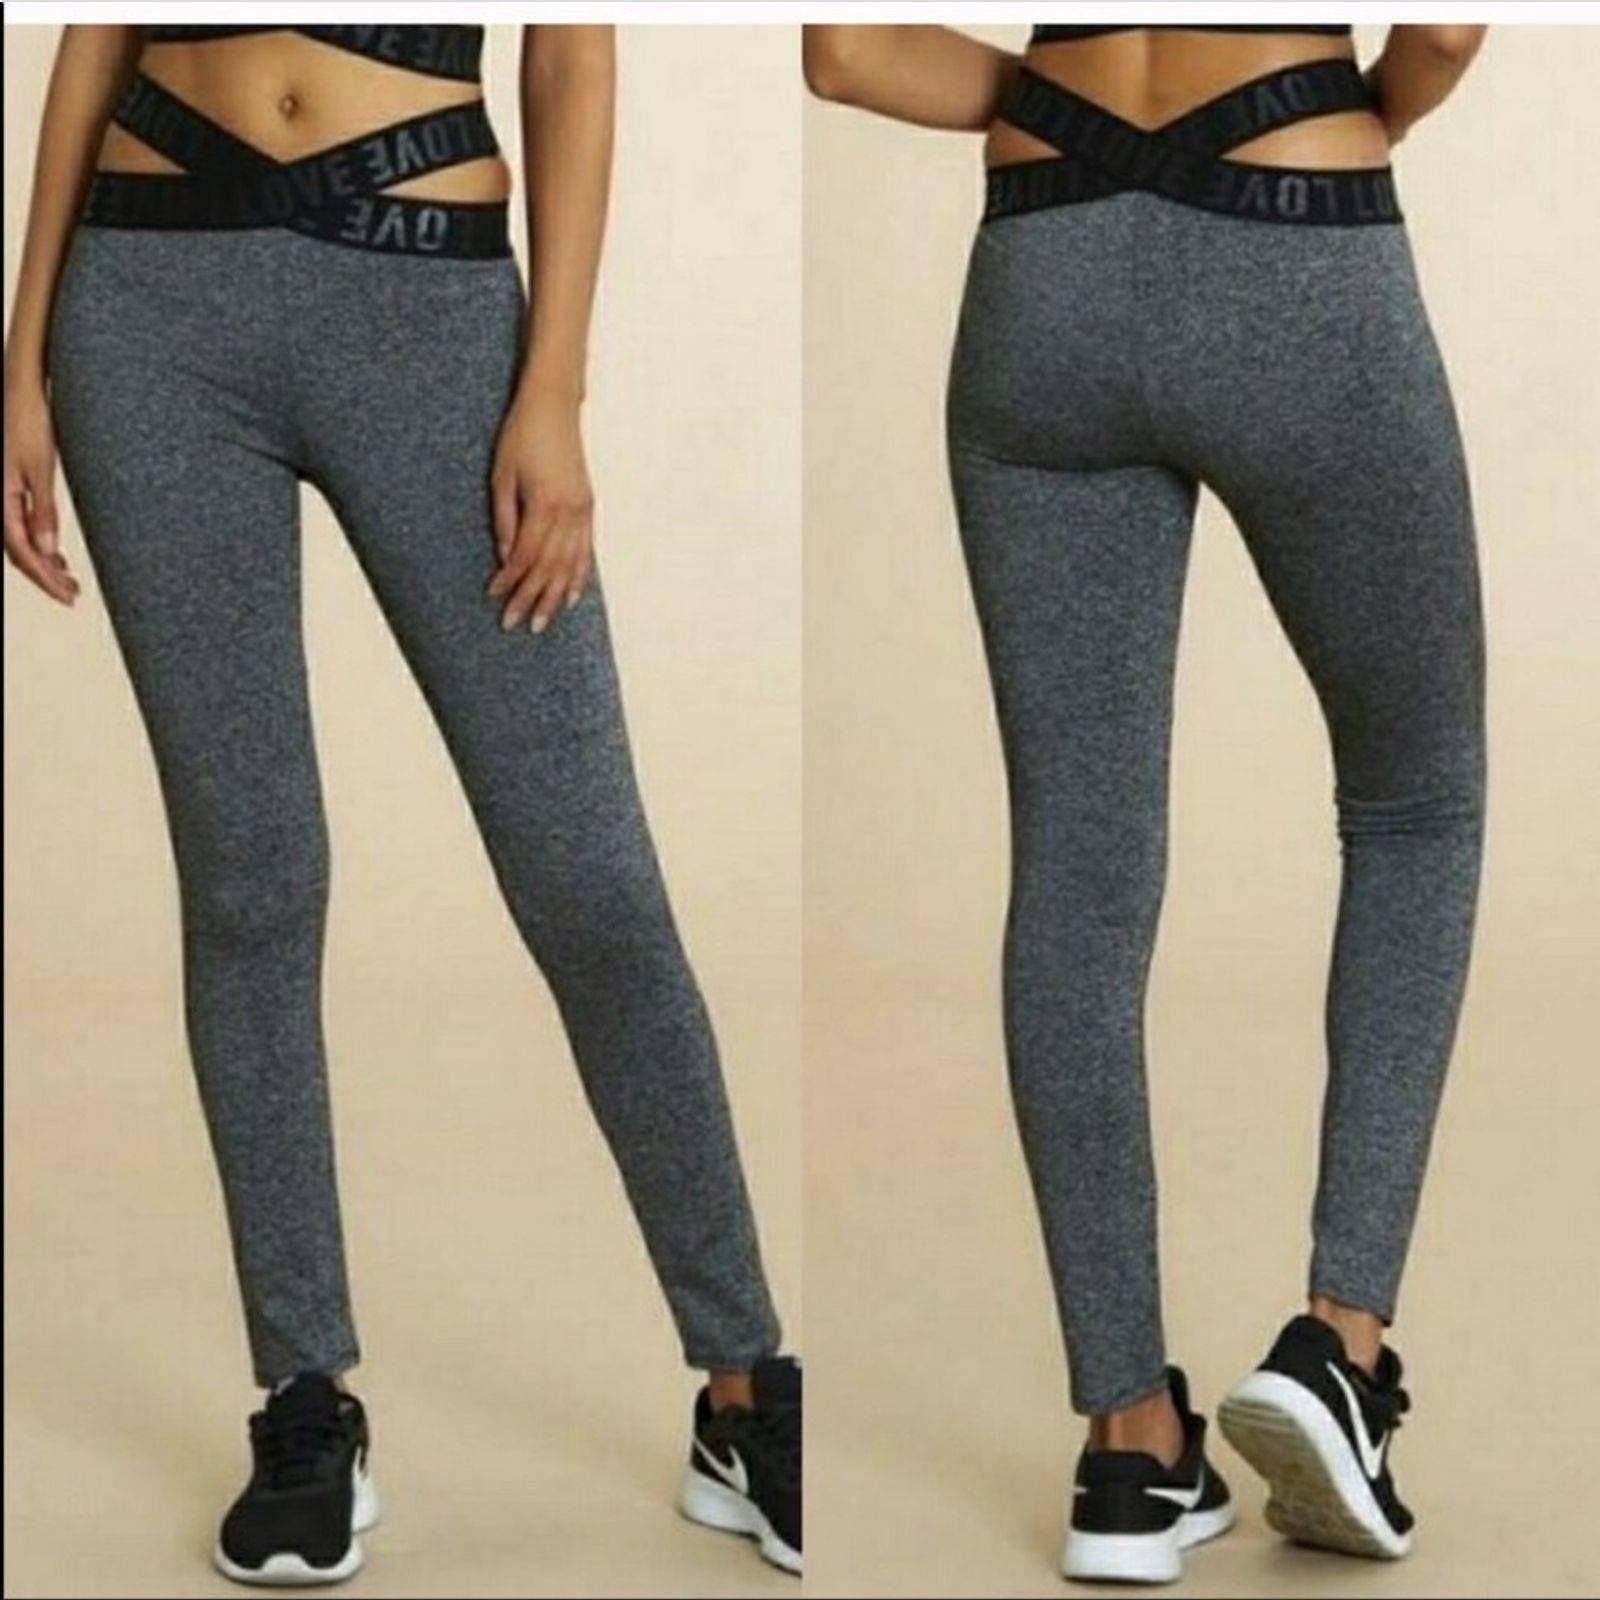 Bozzolo black leggings size small